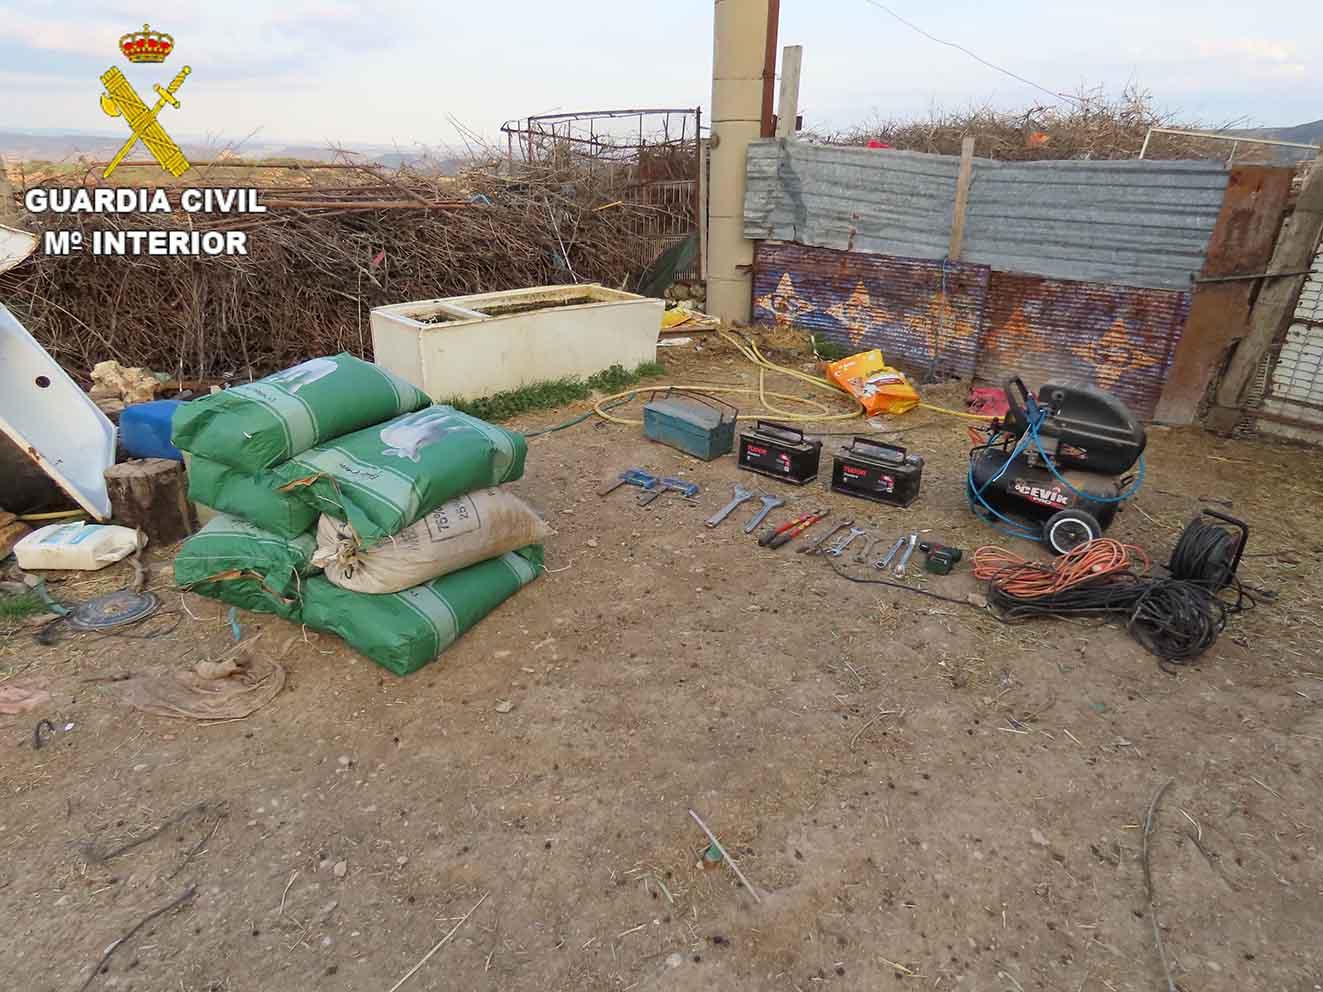 Imagen del material robado en Villalba del Rey.